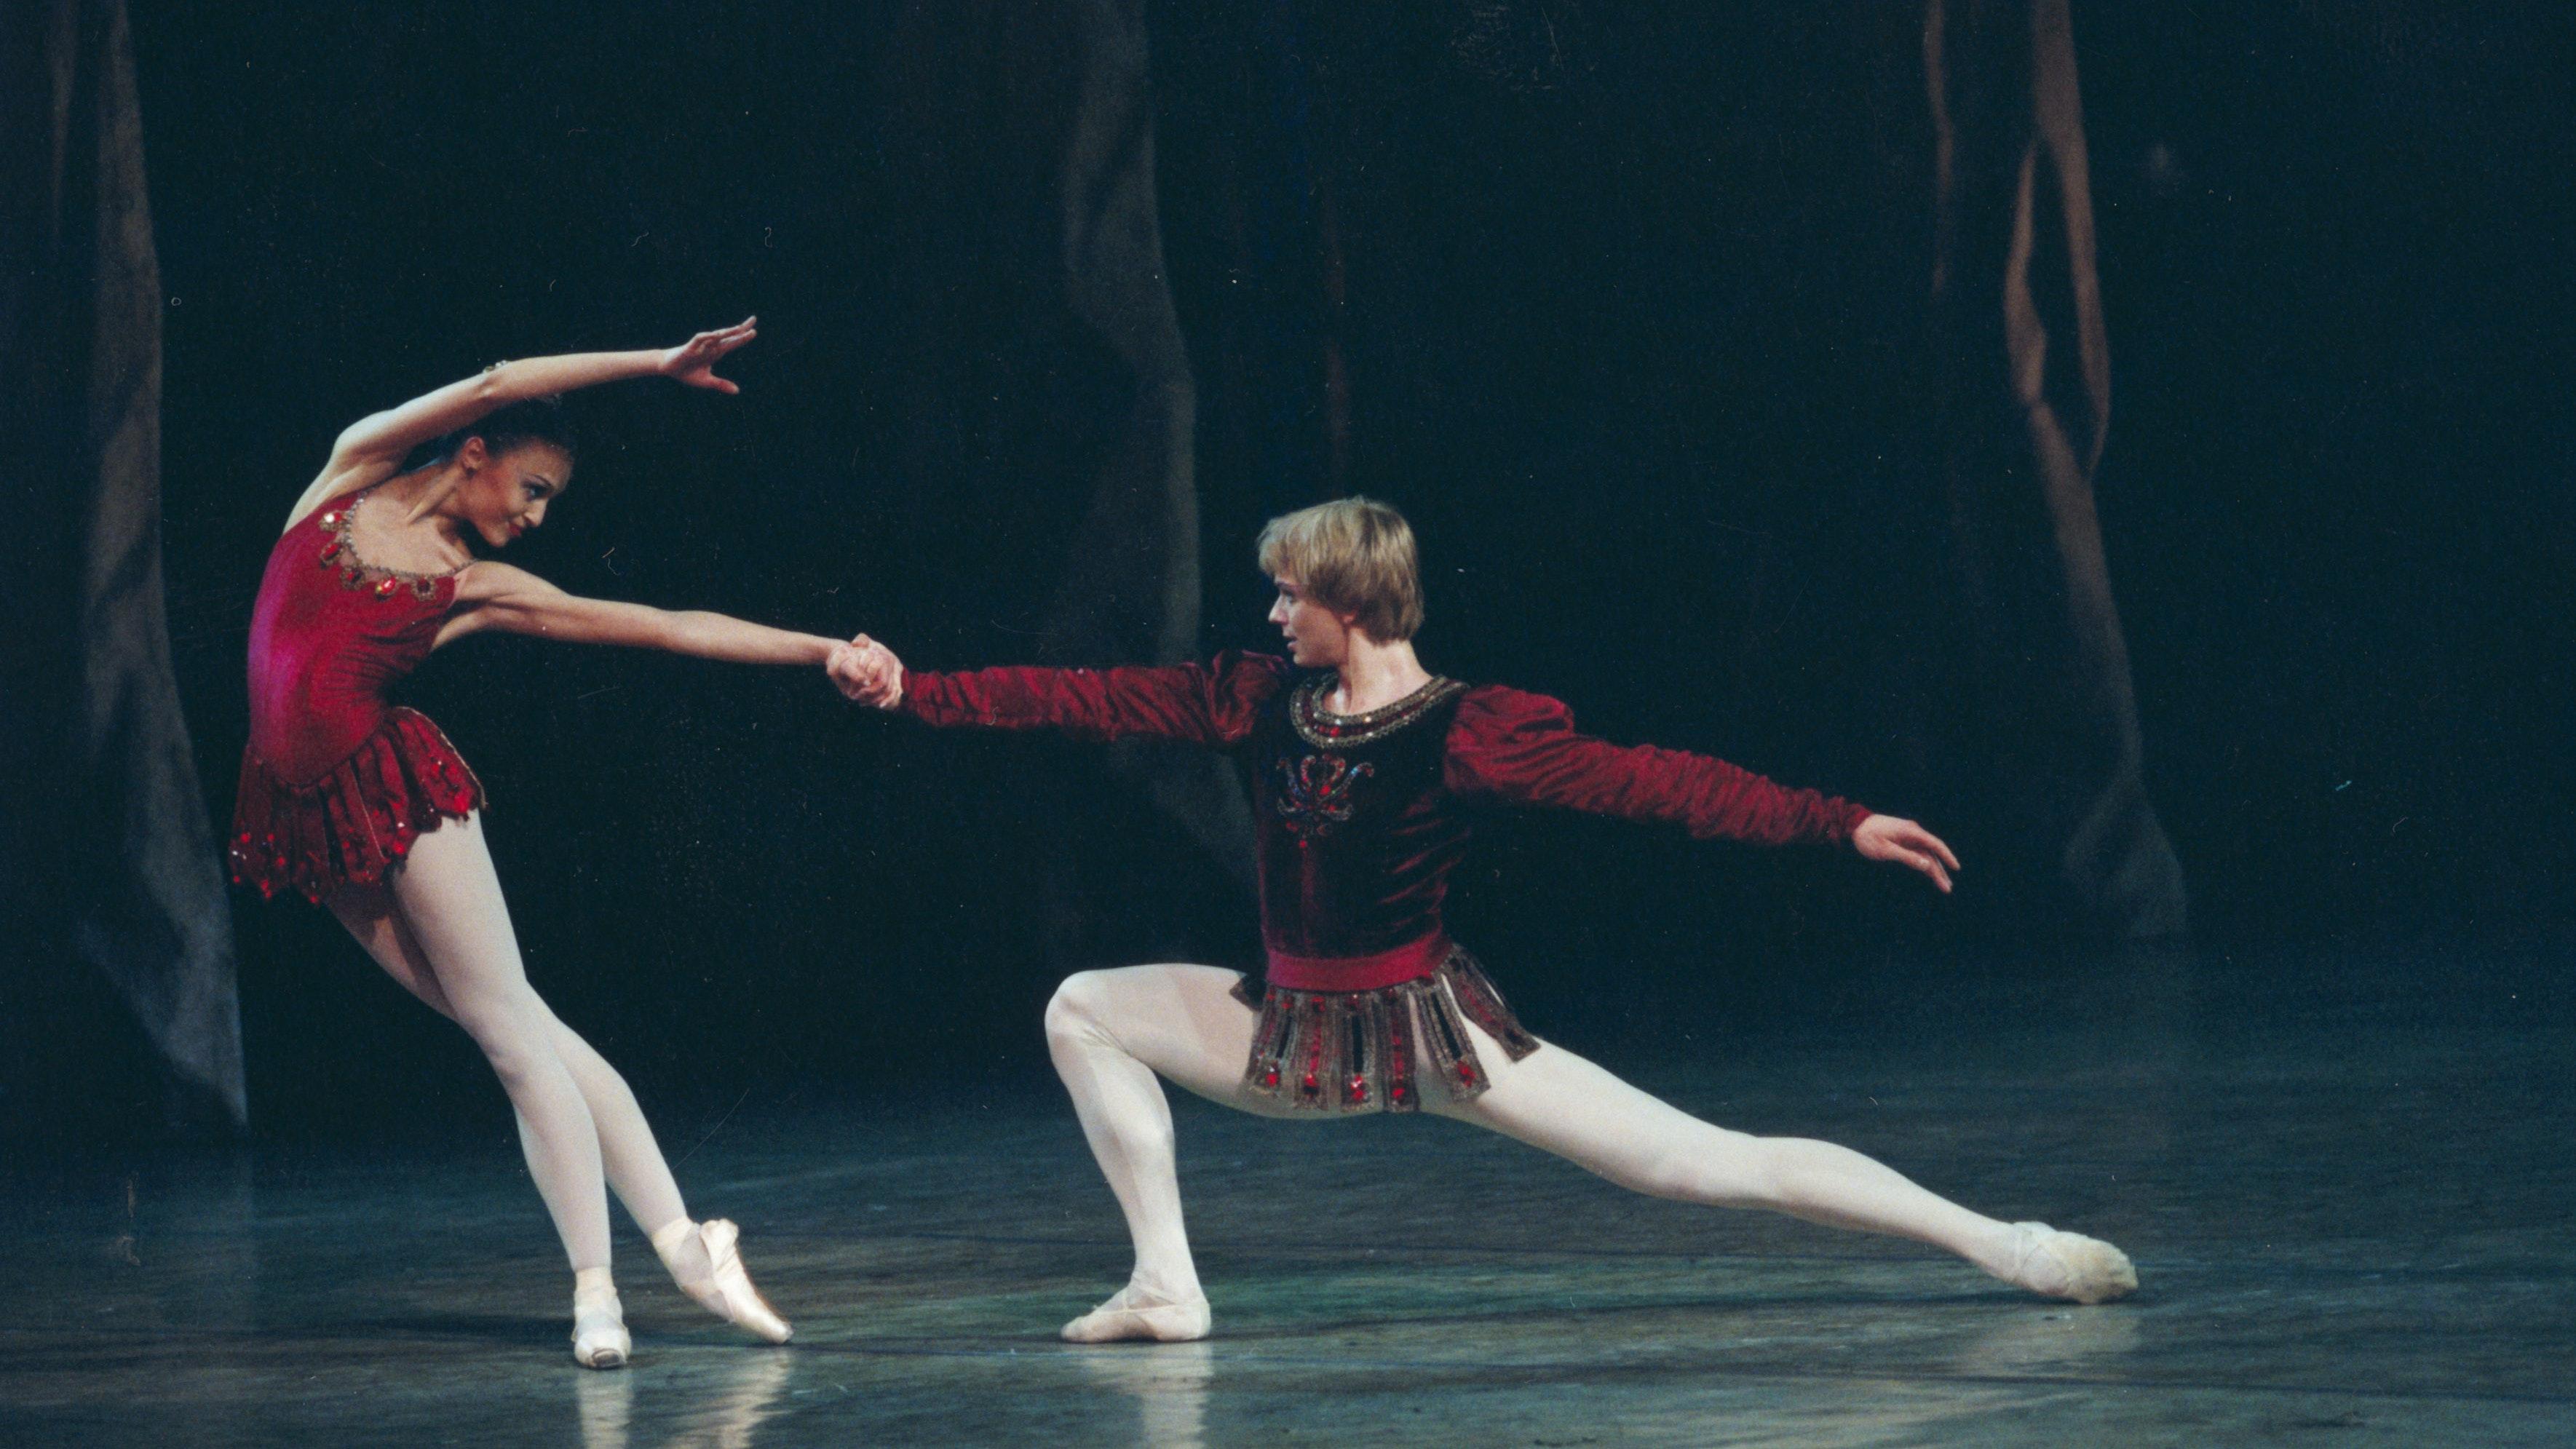 Joyaux de Balanchine, musique de Fauré, Stravinsky et Tchaïkovski